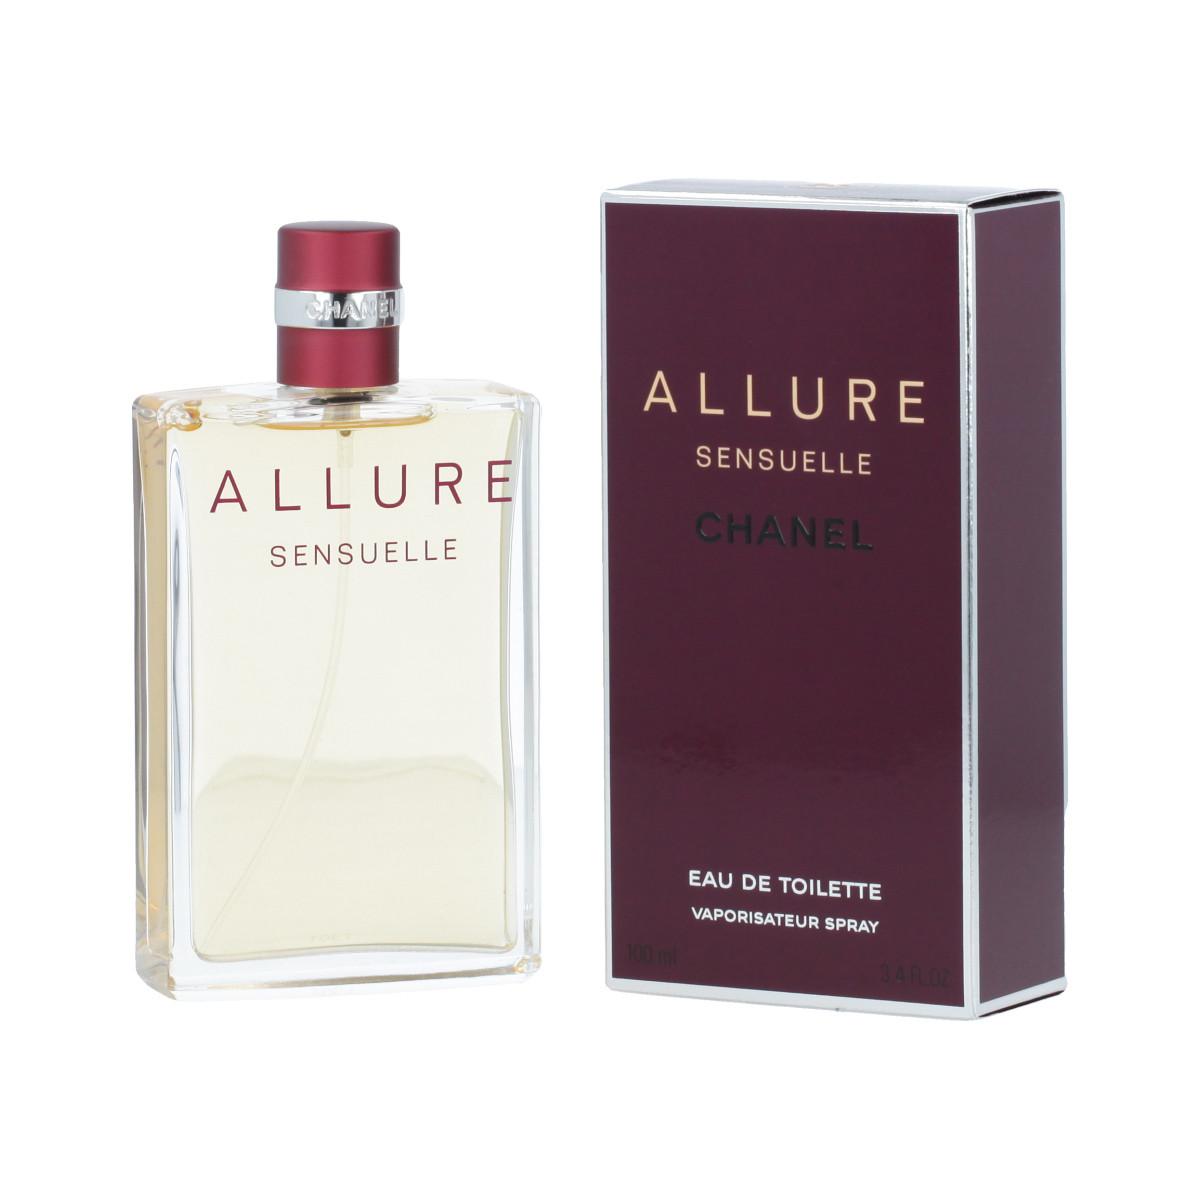 Chanel Allure Sensuelle Eau Parfum 100 Mlb Ontario Active School